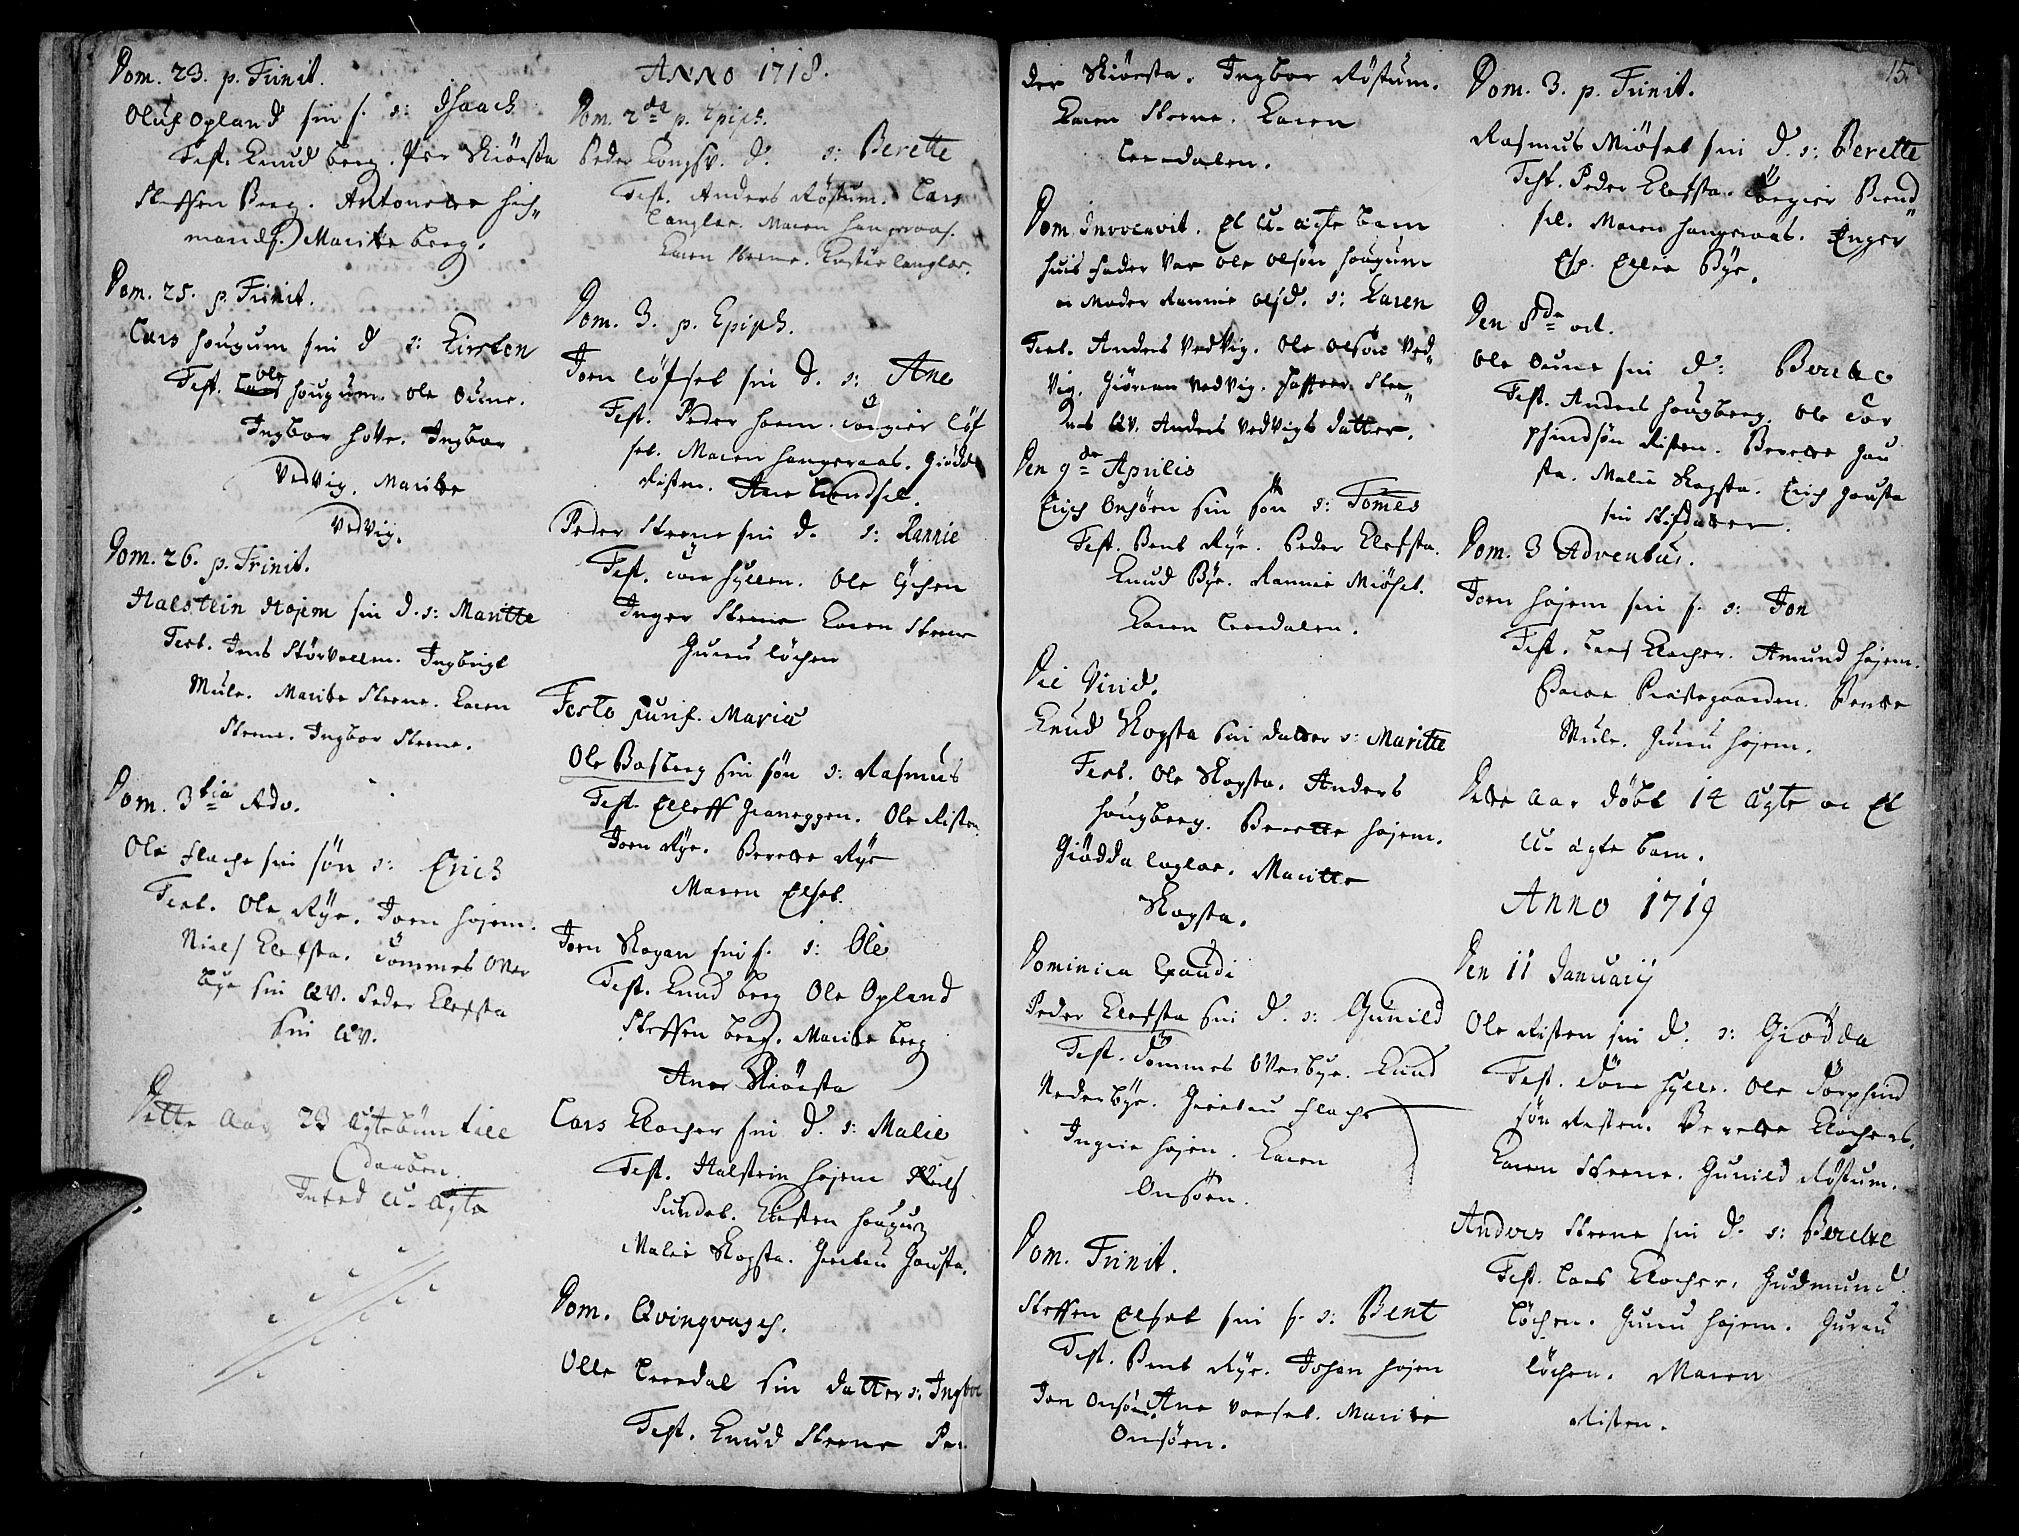 SAT, Ministerialprotokoller, klokkerbøker og fødselsregistre - Sør-Trøndelag, 612/L0368: Ministerialbok nr. 612A02, 1702-1753, s. 15